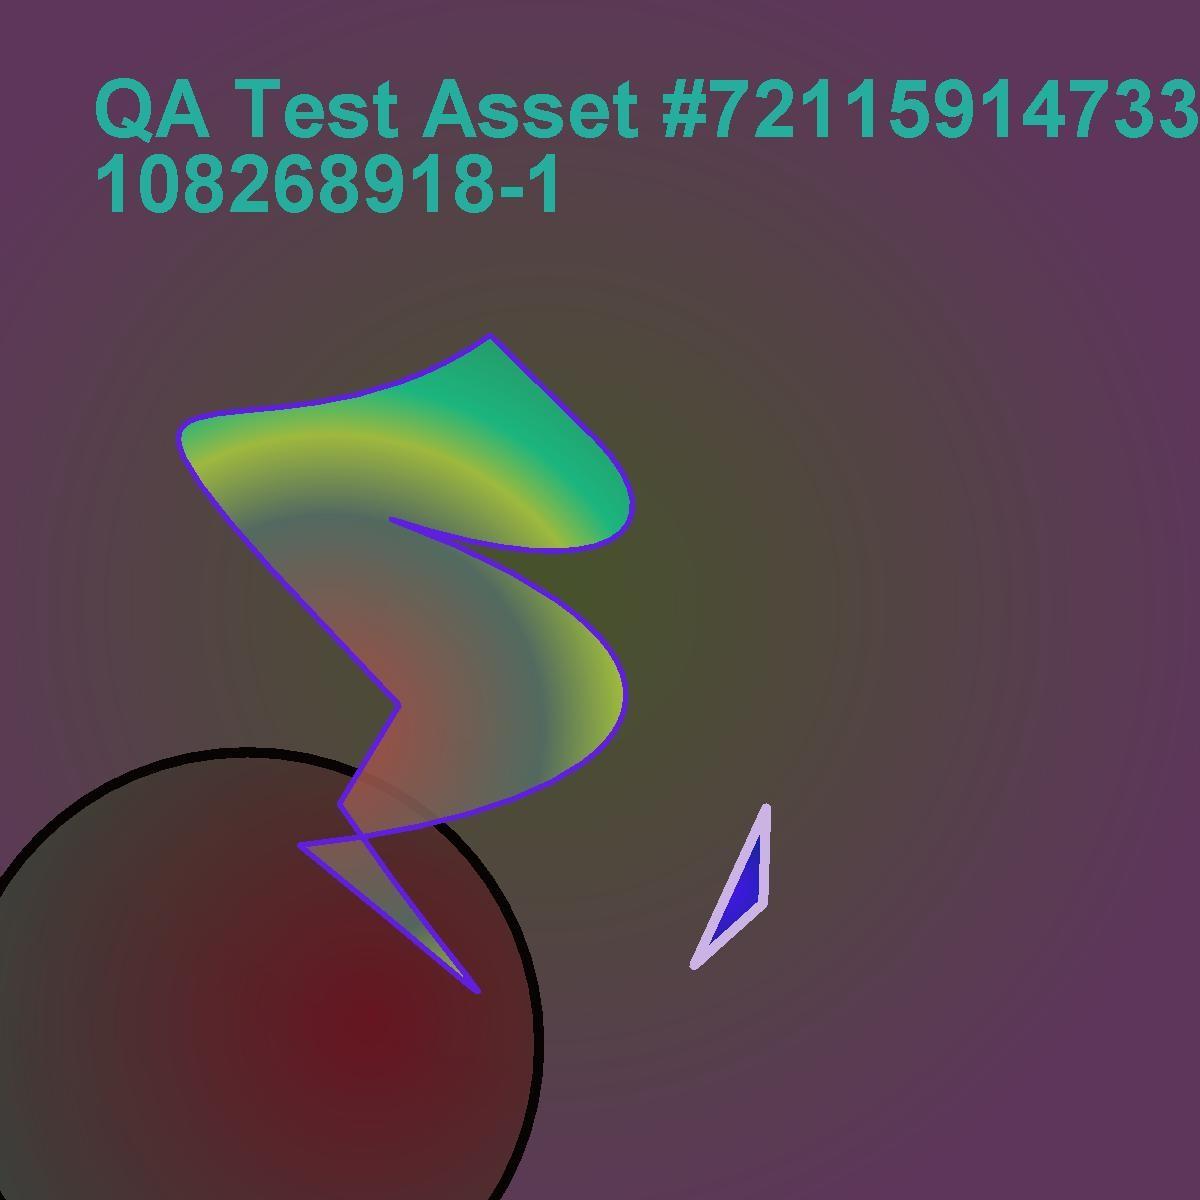 qathumb2303829401949316530.jpg